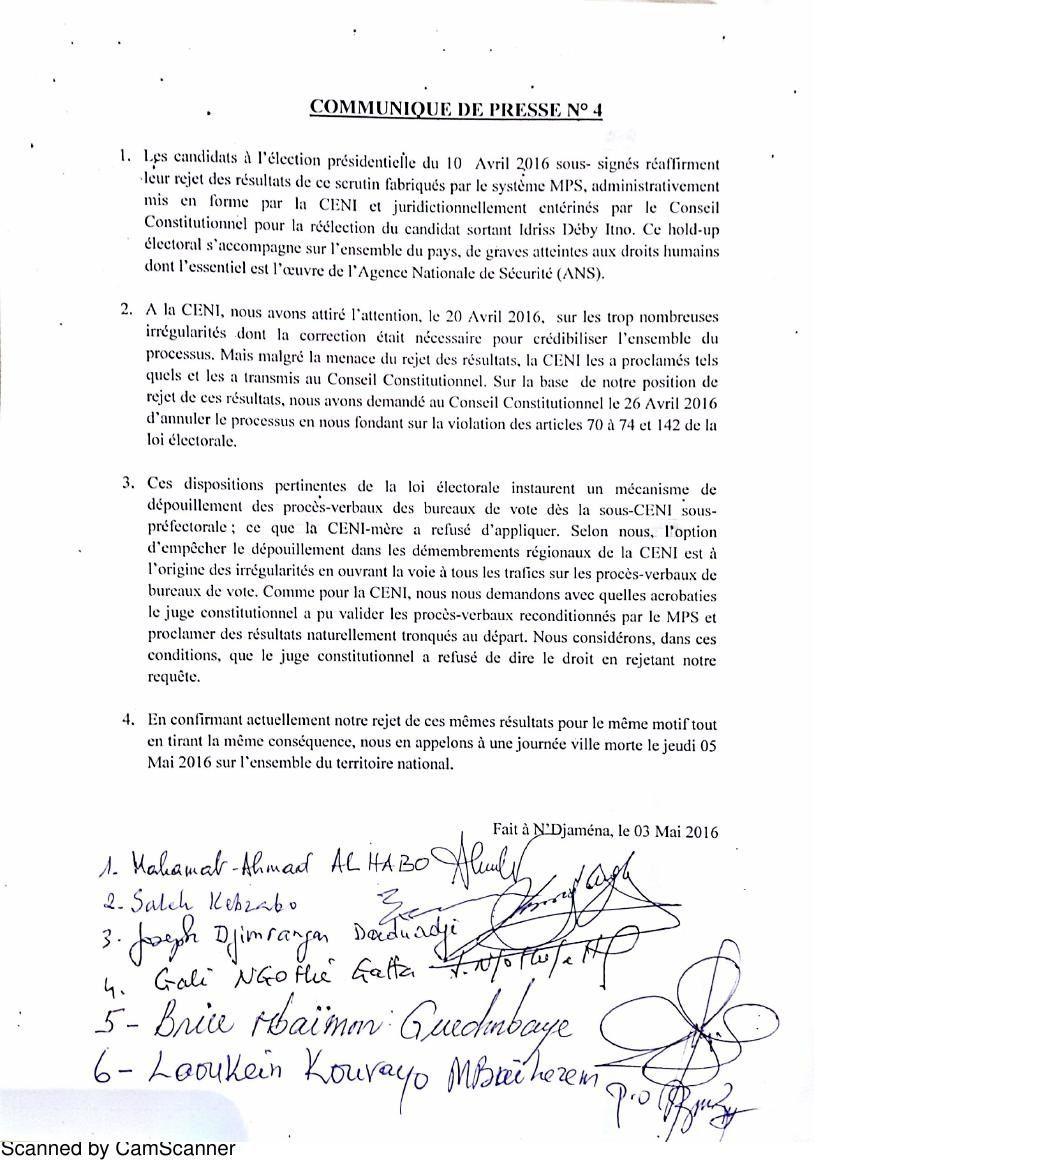 Urgent/Tchad: les candidats à la présidentielle appellent à la ville morte le 05 mai 2016